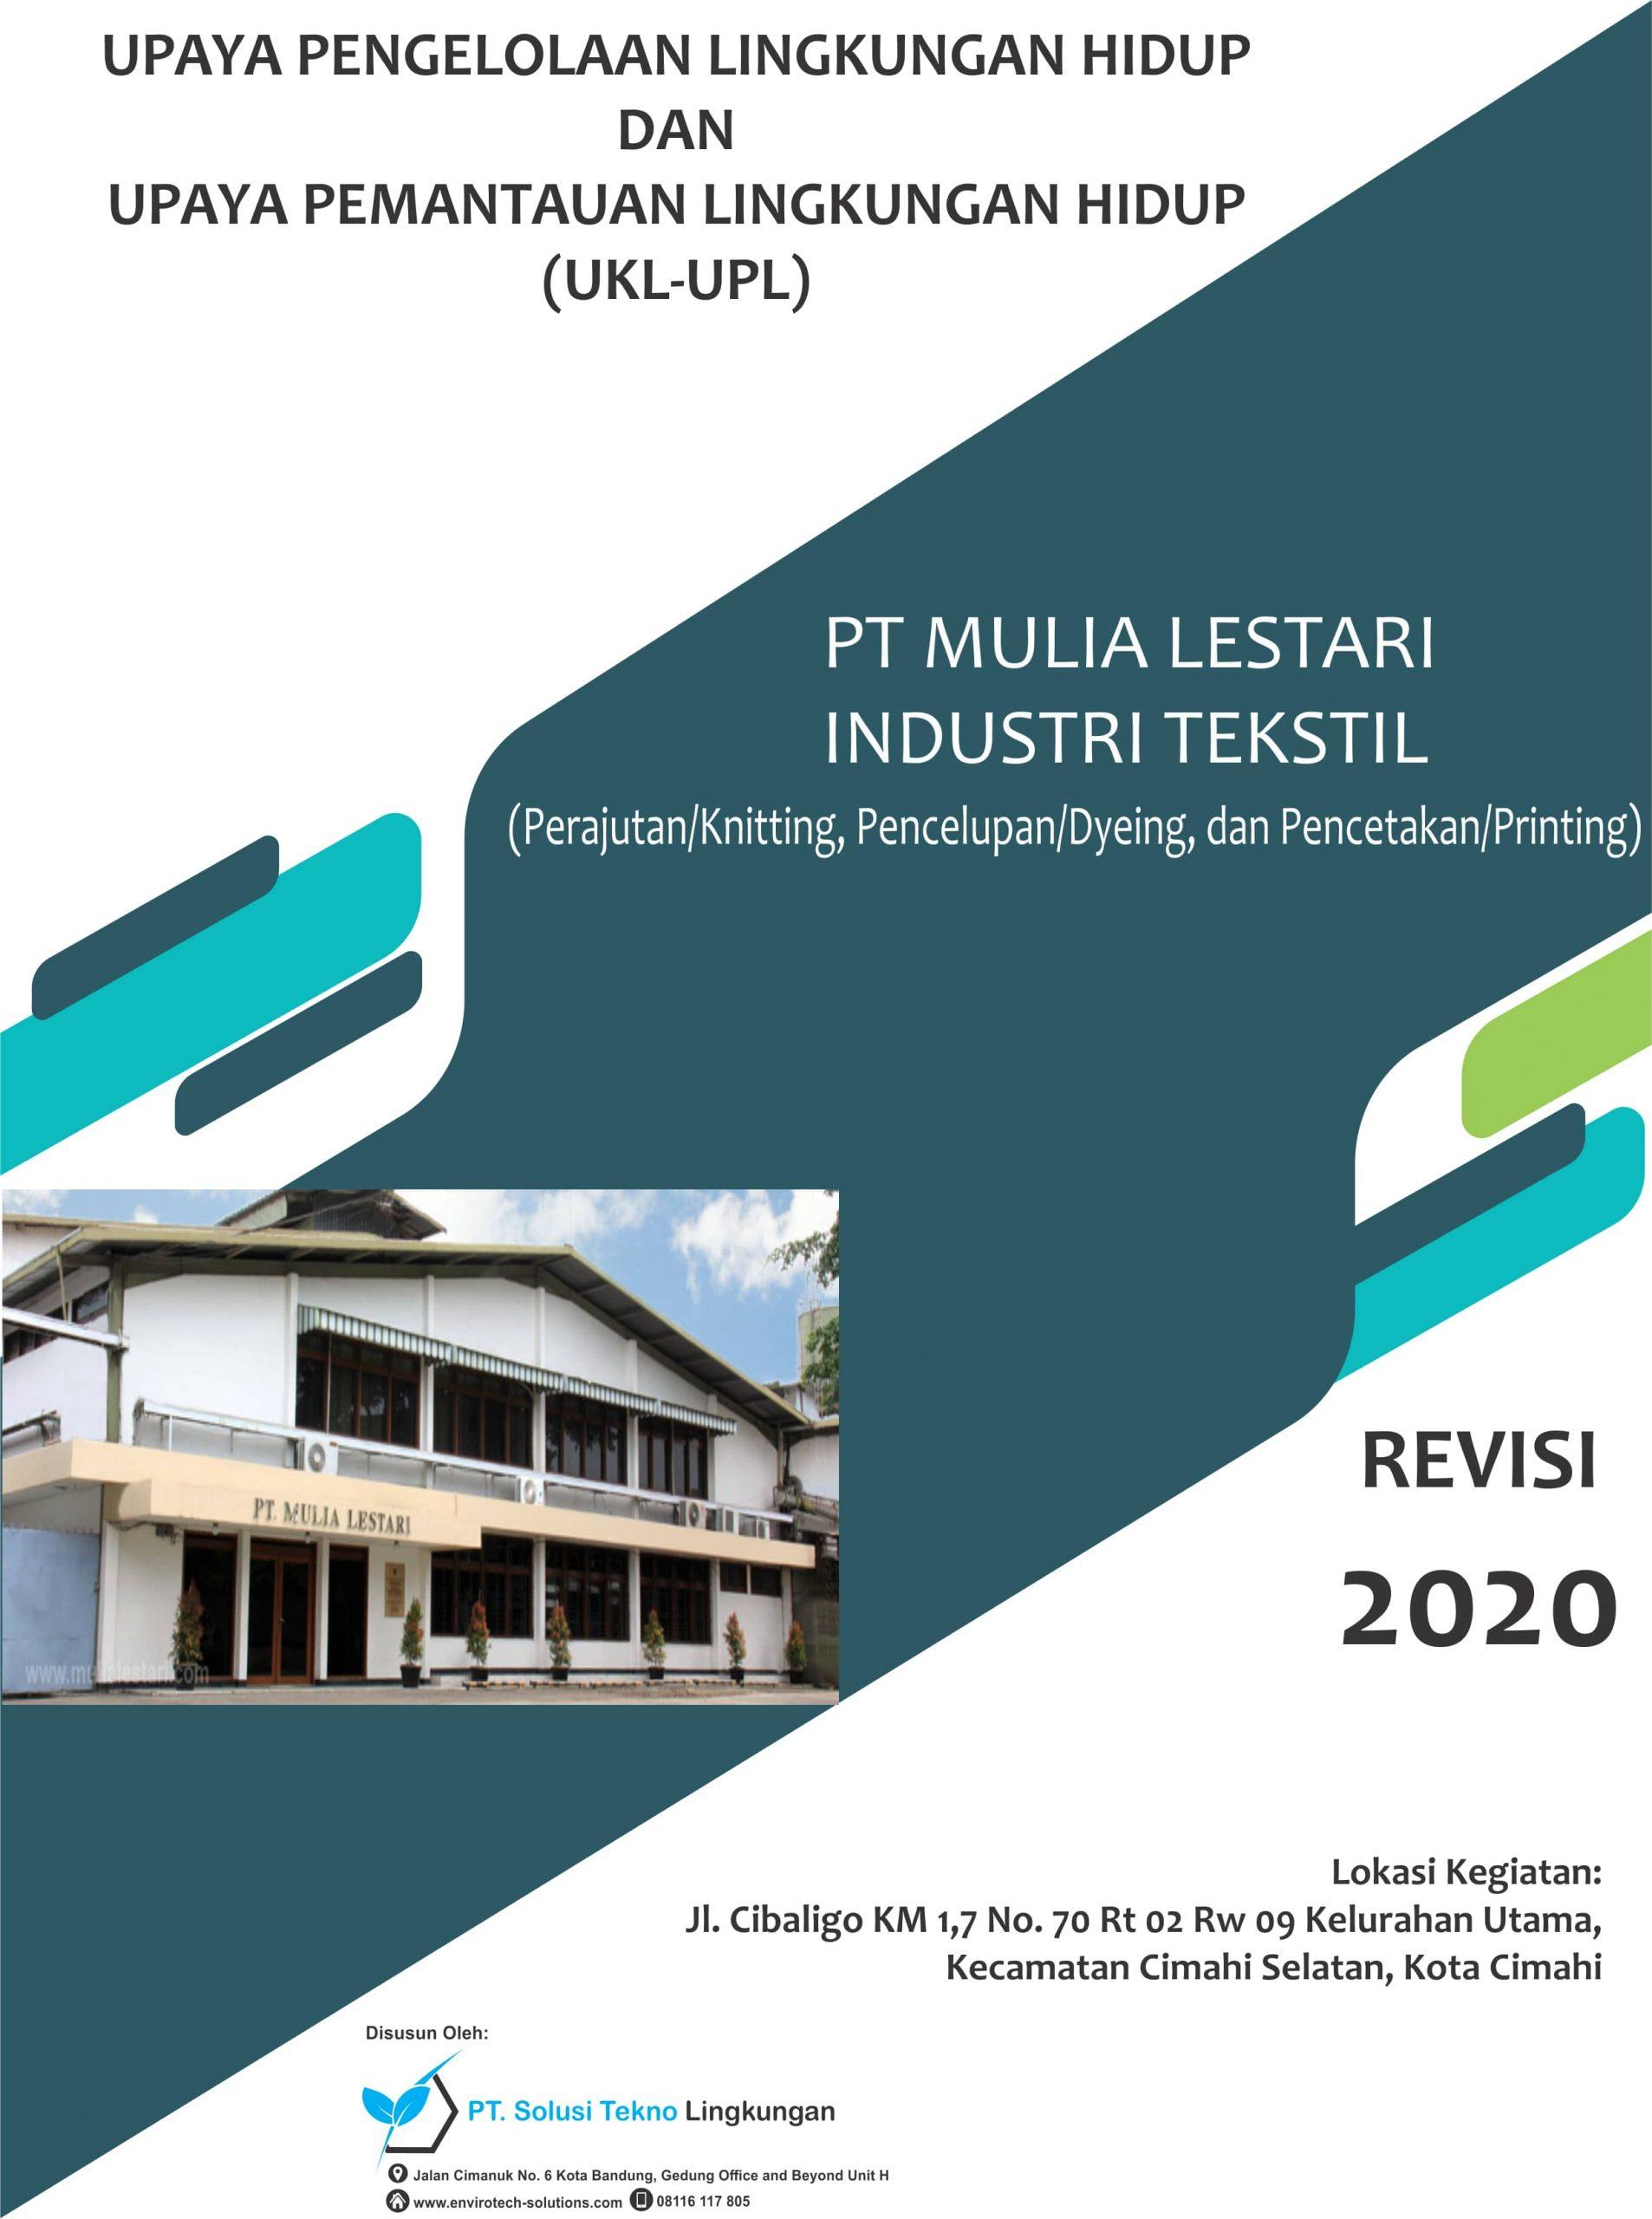 UKL-UPL PT Mulia Lestari